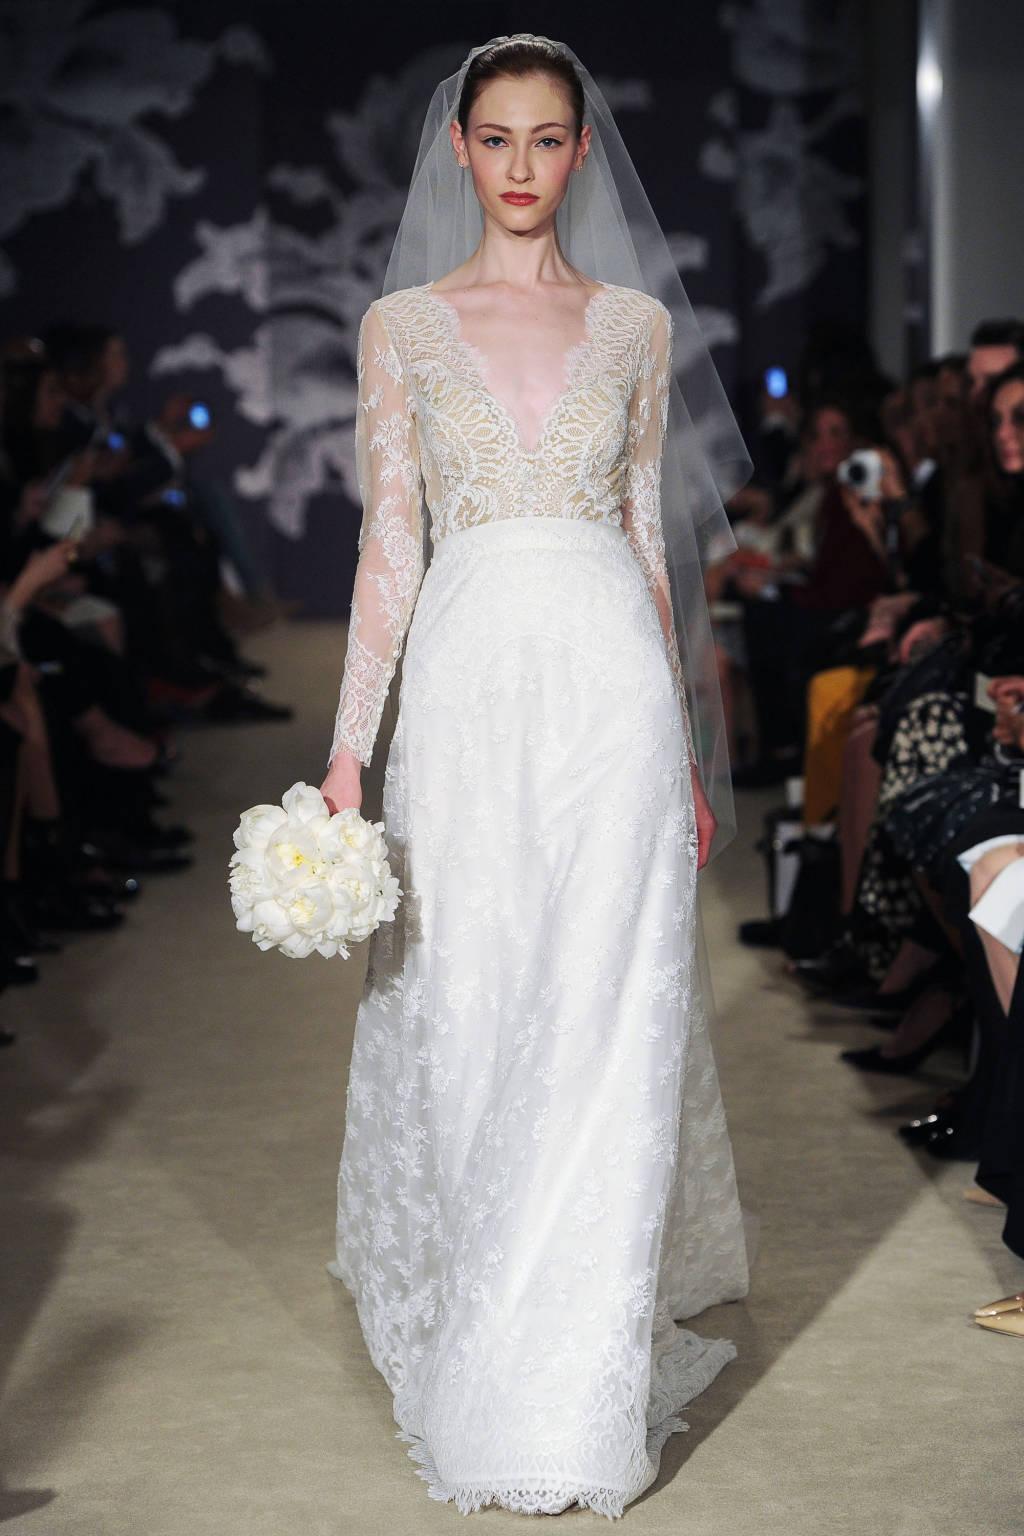 Sự tinh tế trong đáp ren ở phần tay áo khiến chiếc váy kín đáo mà quyến rũ đến hoàn hảo